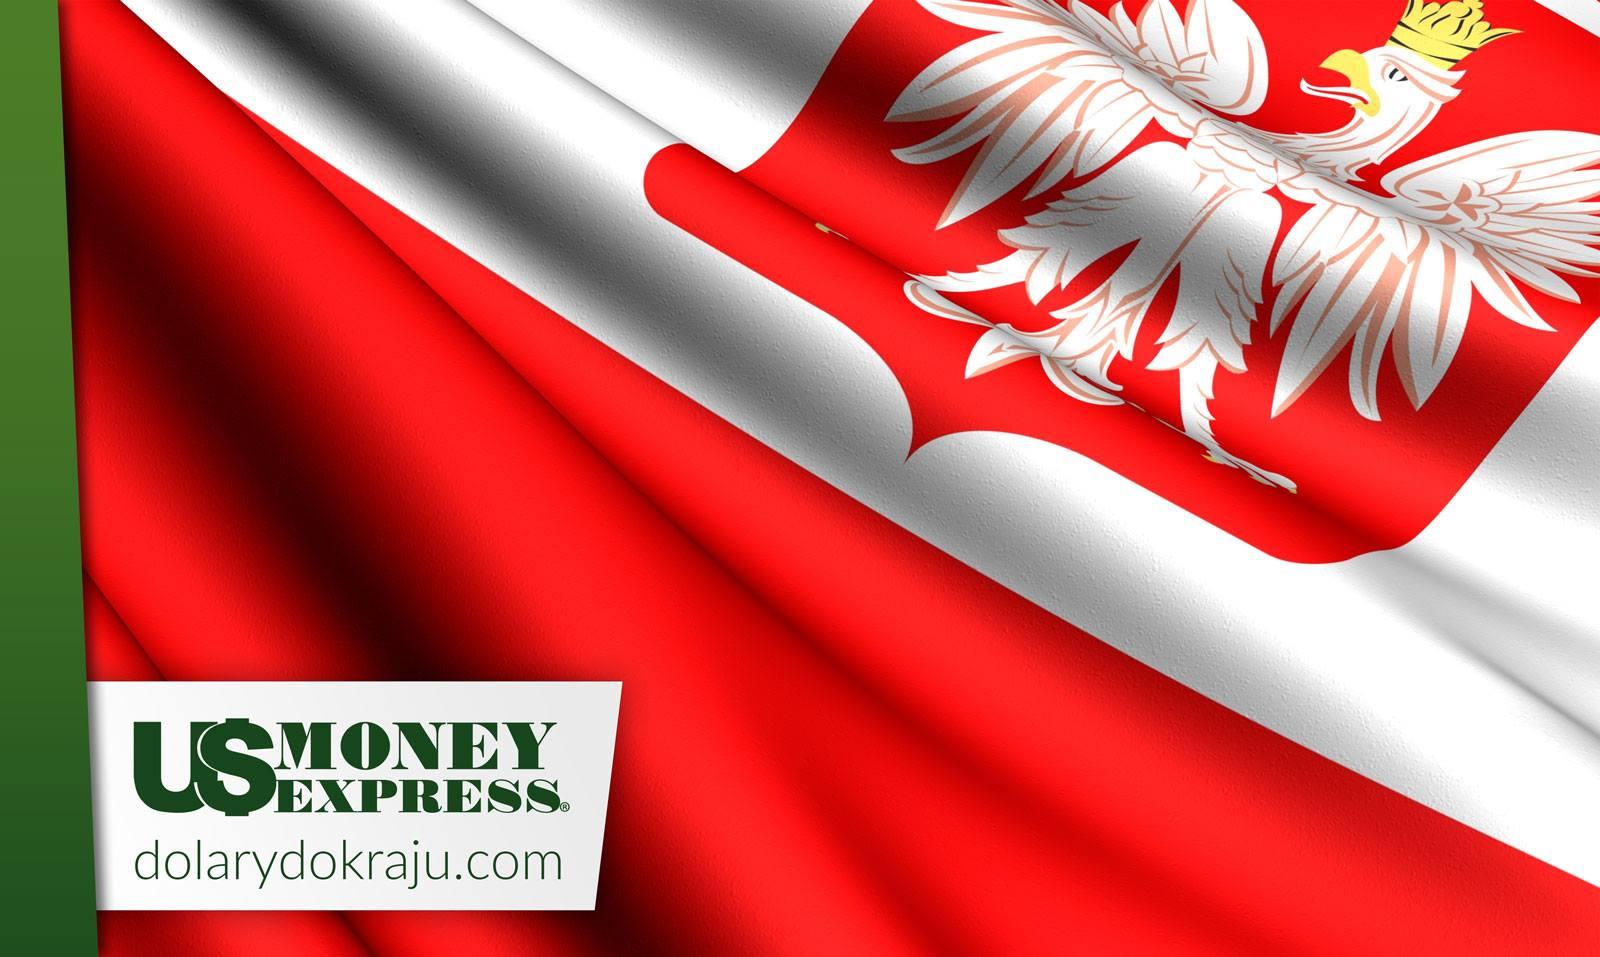 Z domu w USA tanie i szybkie przelewy pieniędzy do Polski przez US Money Express